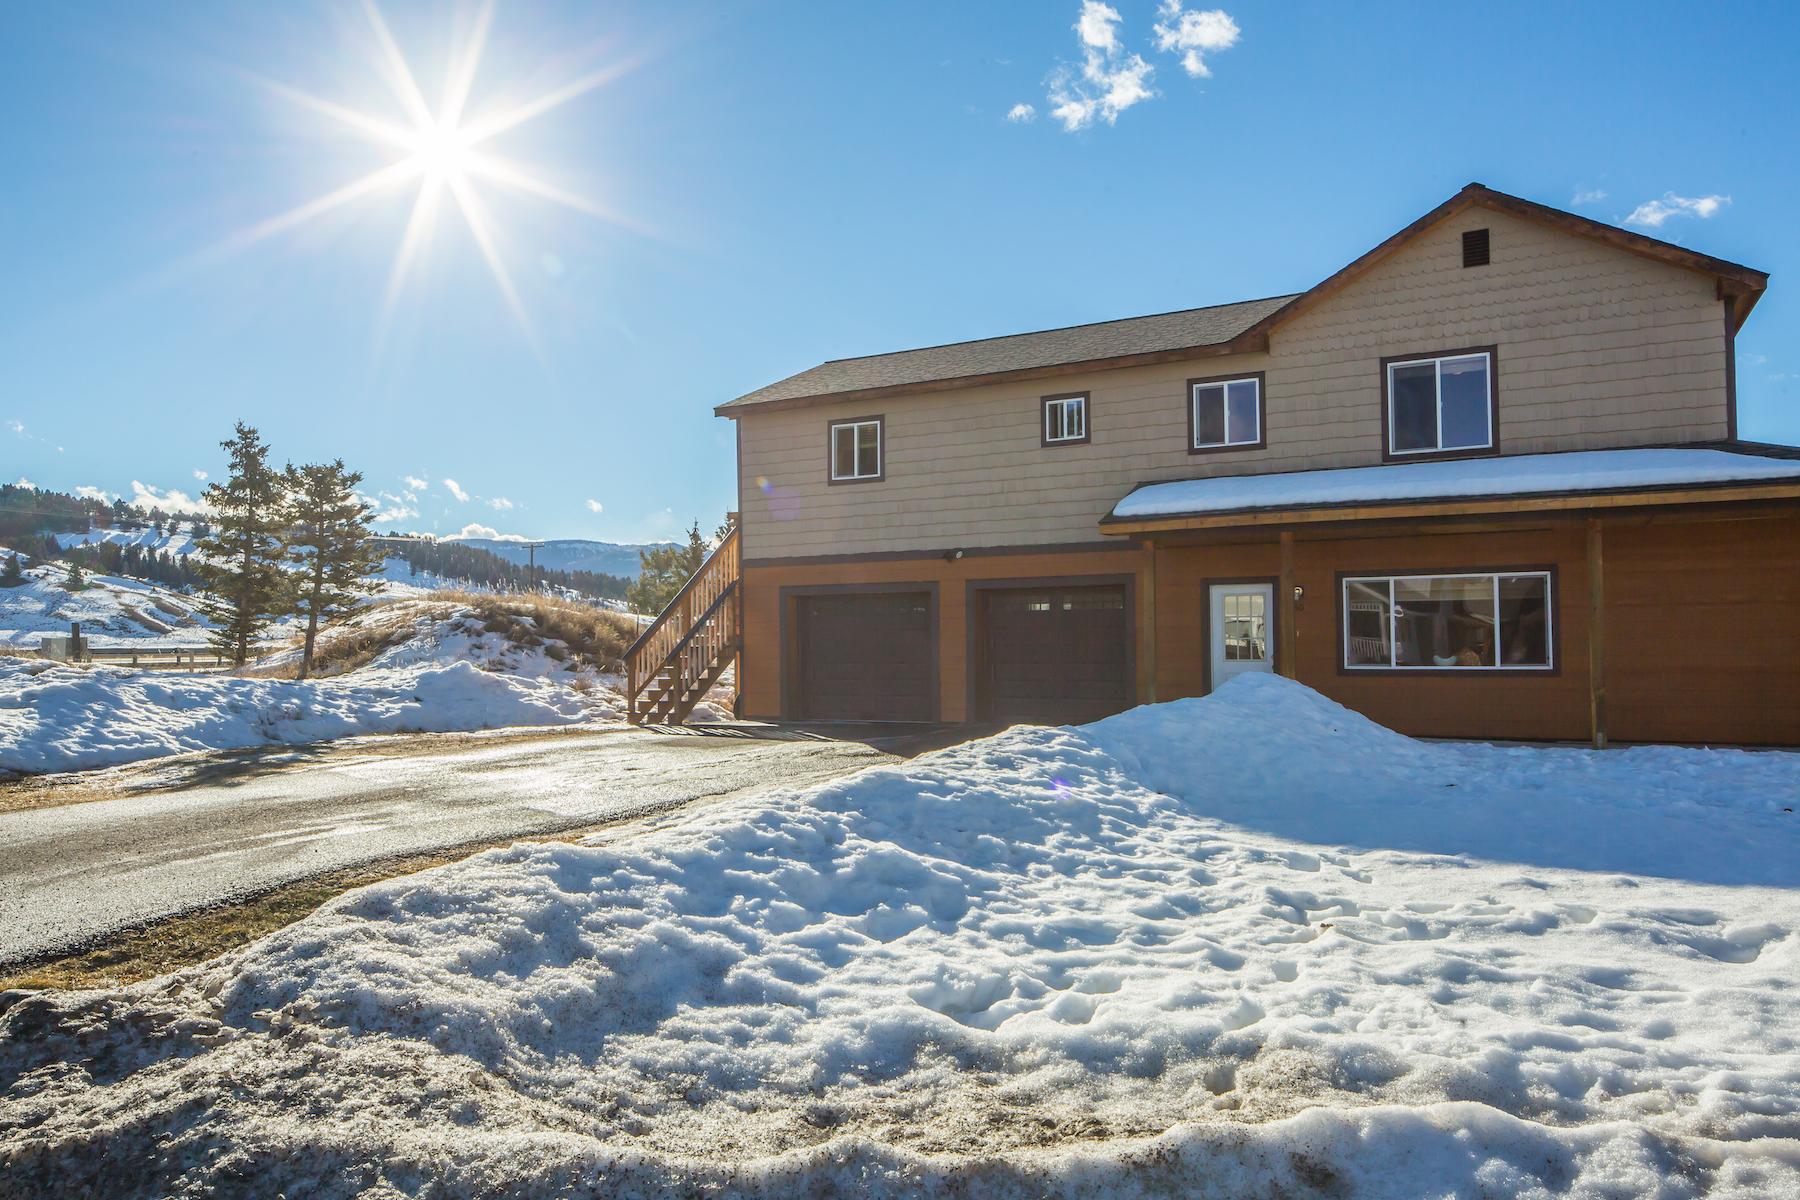 独户住宅 为 销售 在 30 Anaconda Drive Big Sky, 蒙大拿州, 59716 美国